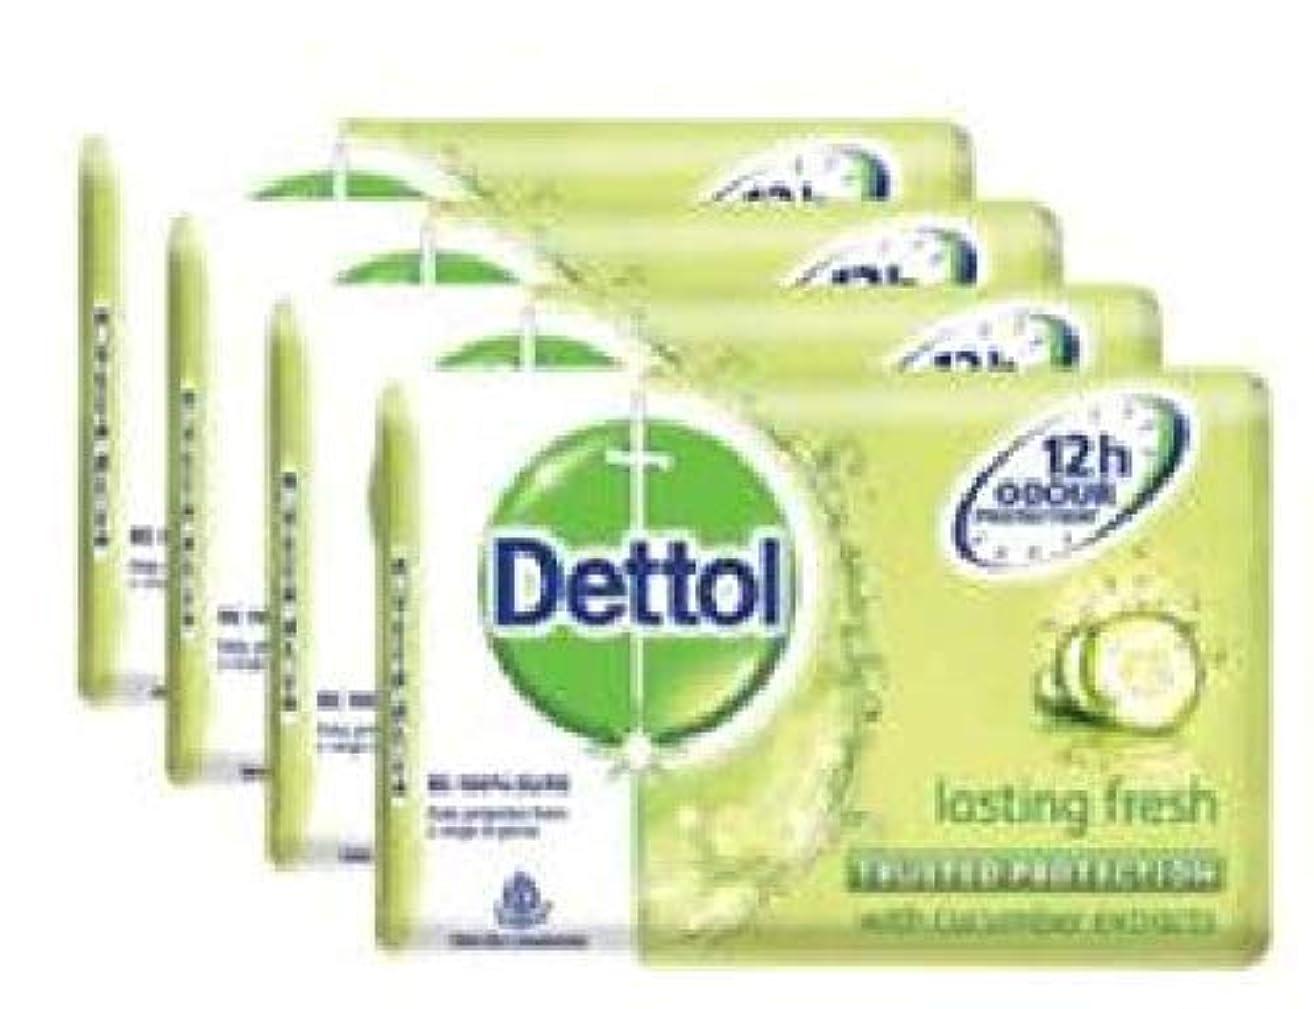 ふざけたマスタード注ぎますDettol 新鮮4x105g-を持続固形石鹸は、あなたが自由生殖続け、石鹸は肌にもとても優しいです